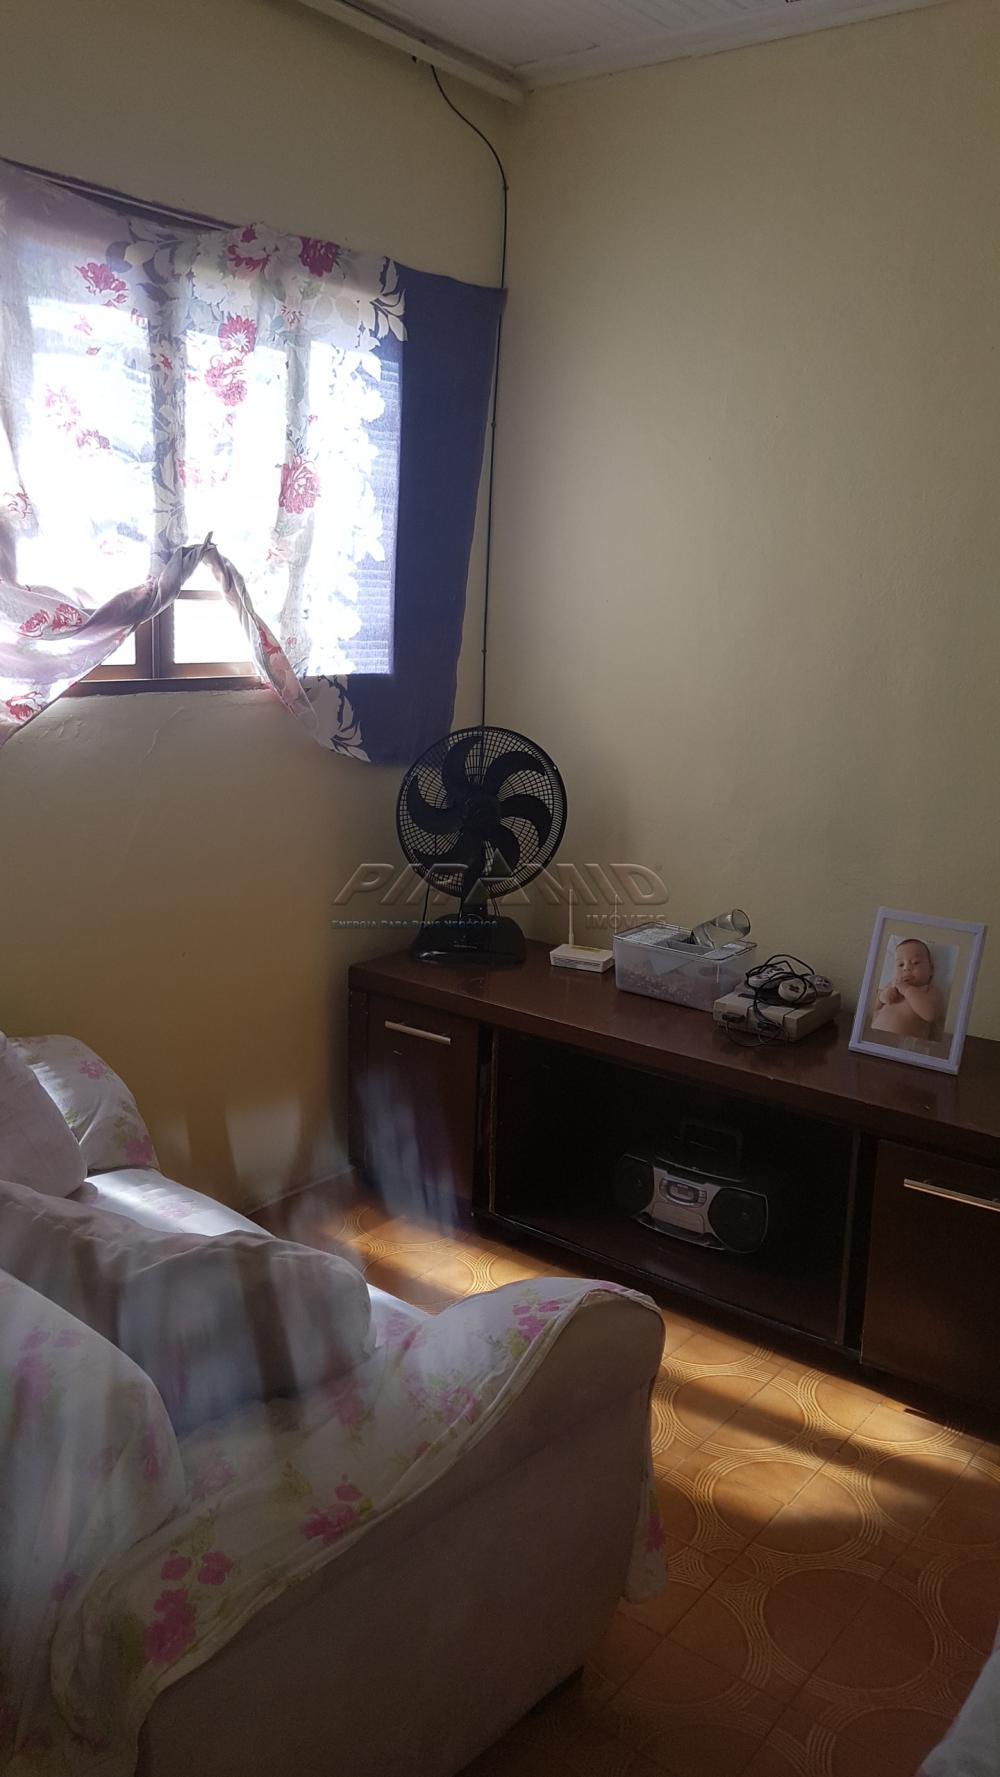 Comprar Casa / Padrão em Ribeirão Preto apenas R$ 170.000,00 - Foto 4